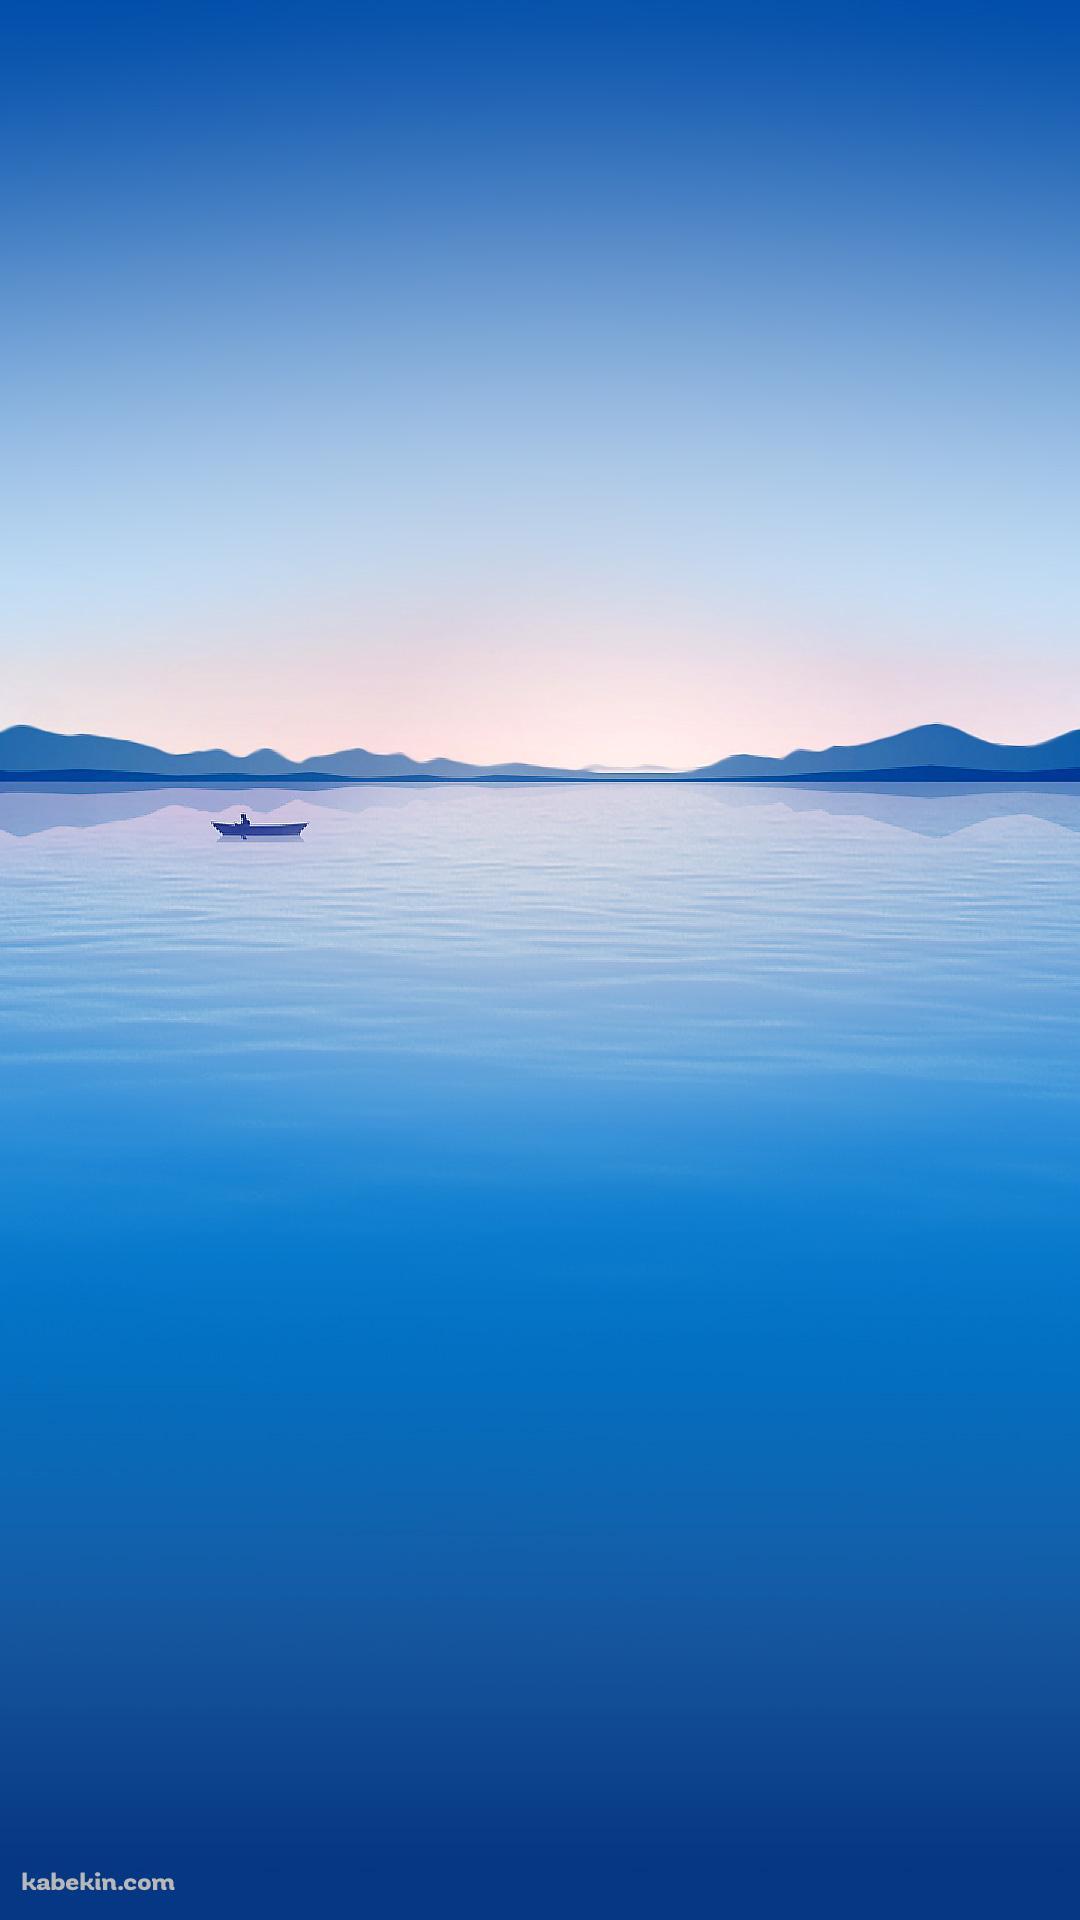 青の世界のandroid壁紙 1080 X 19 壁紙キングダム スマホ版